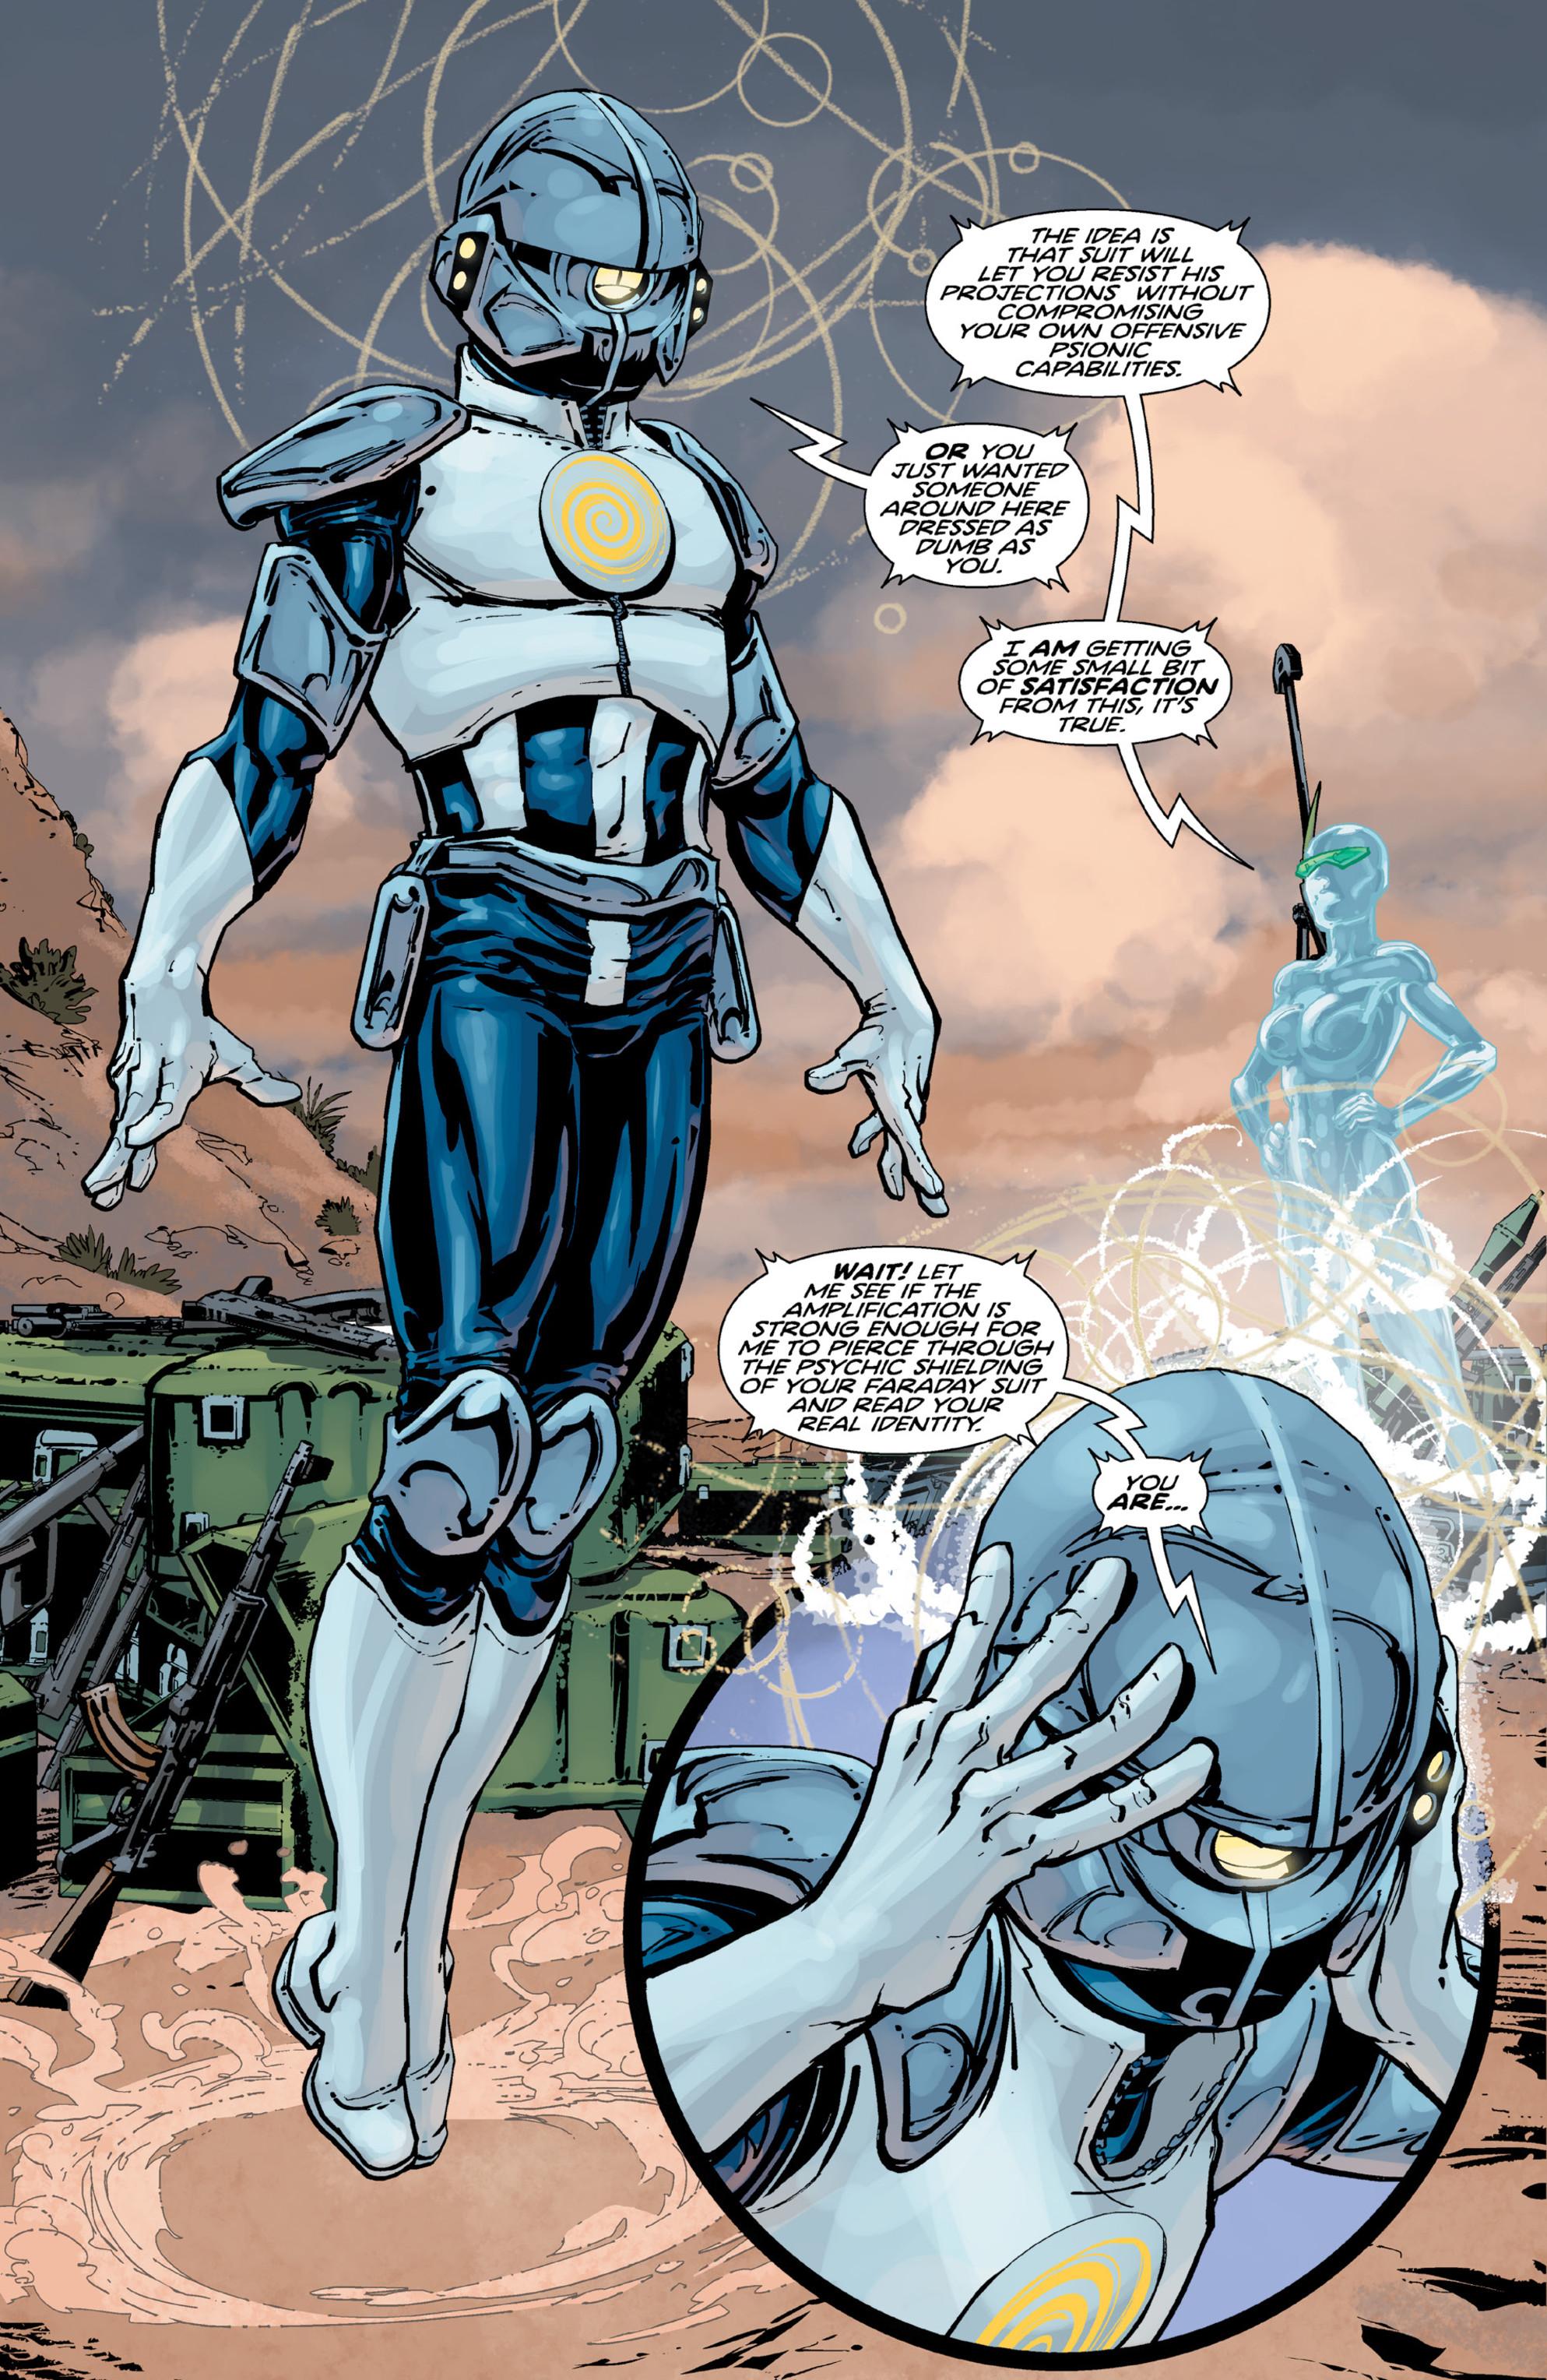 Read online Brain Boy:  The Men from G.E.S.T.A.L.T. comic -  Issue # TPB - 43